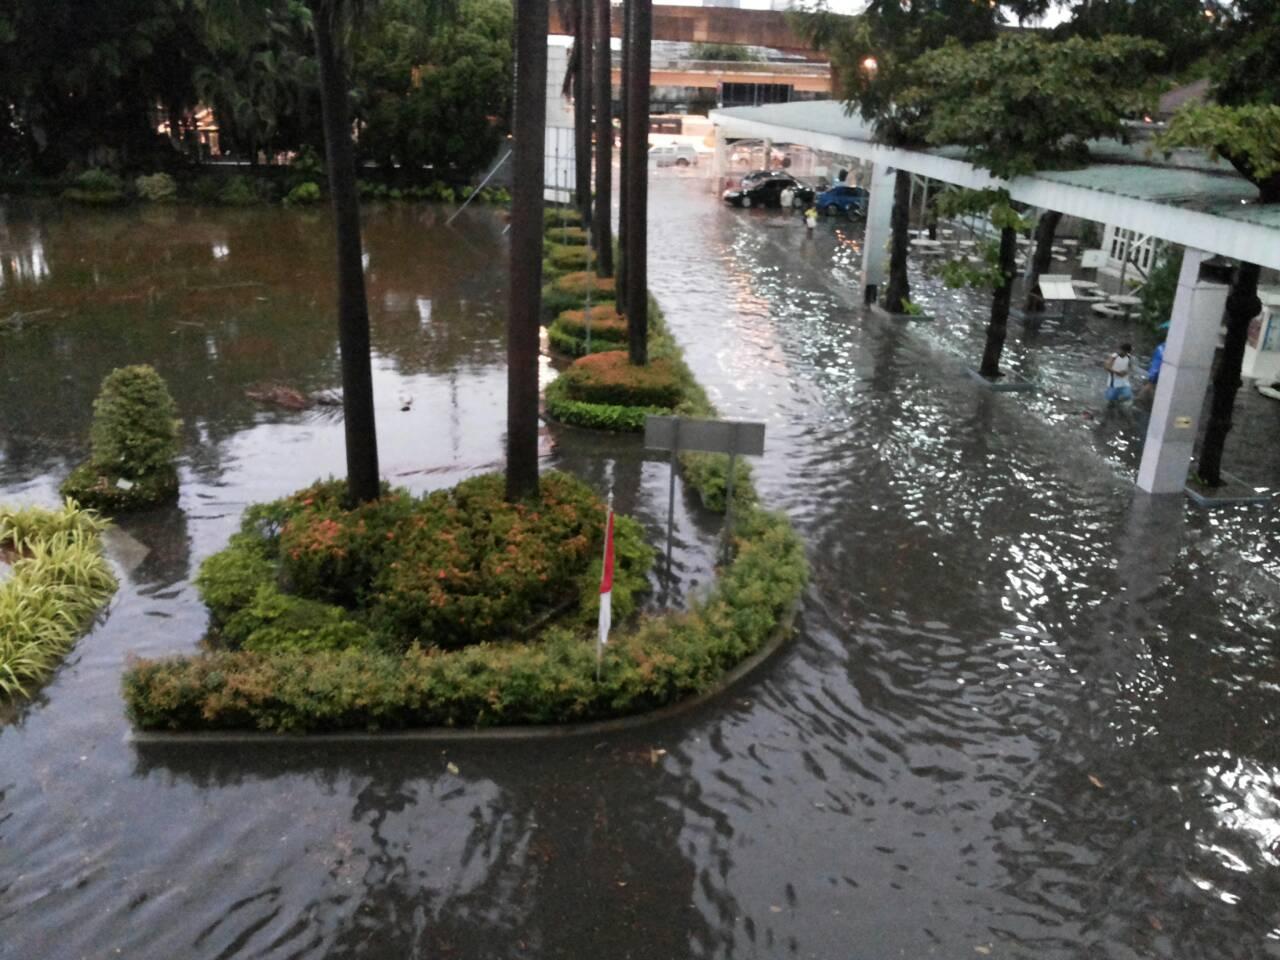 โรงเรียนย่านสุขุมวิท ปิดการเรียนการสอนจากเหตุน้ำท่วมขัง